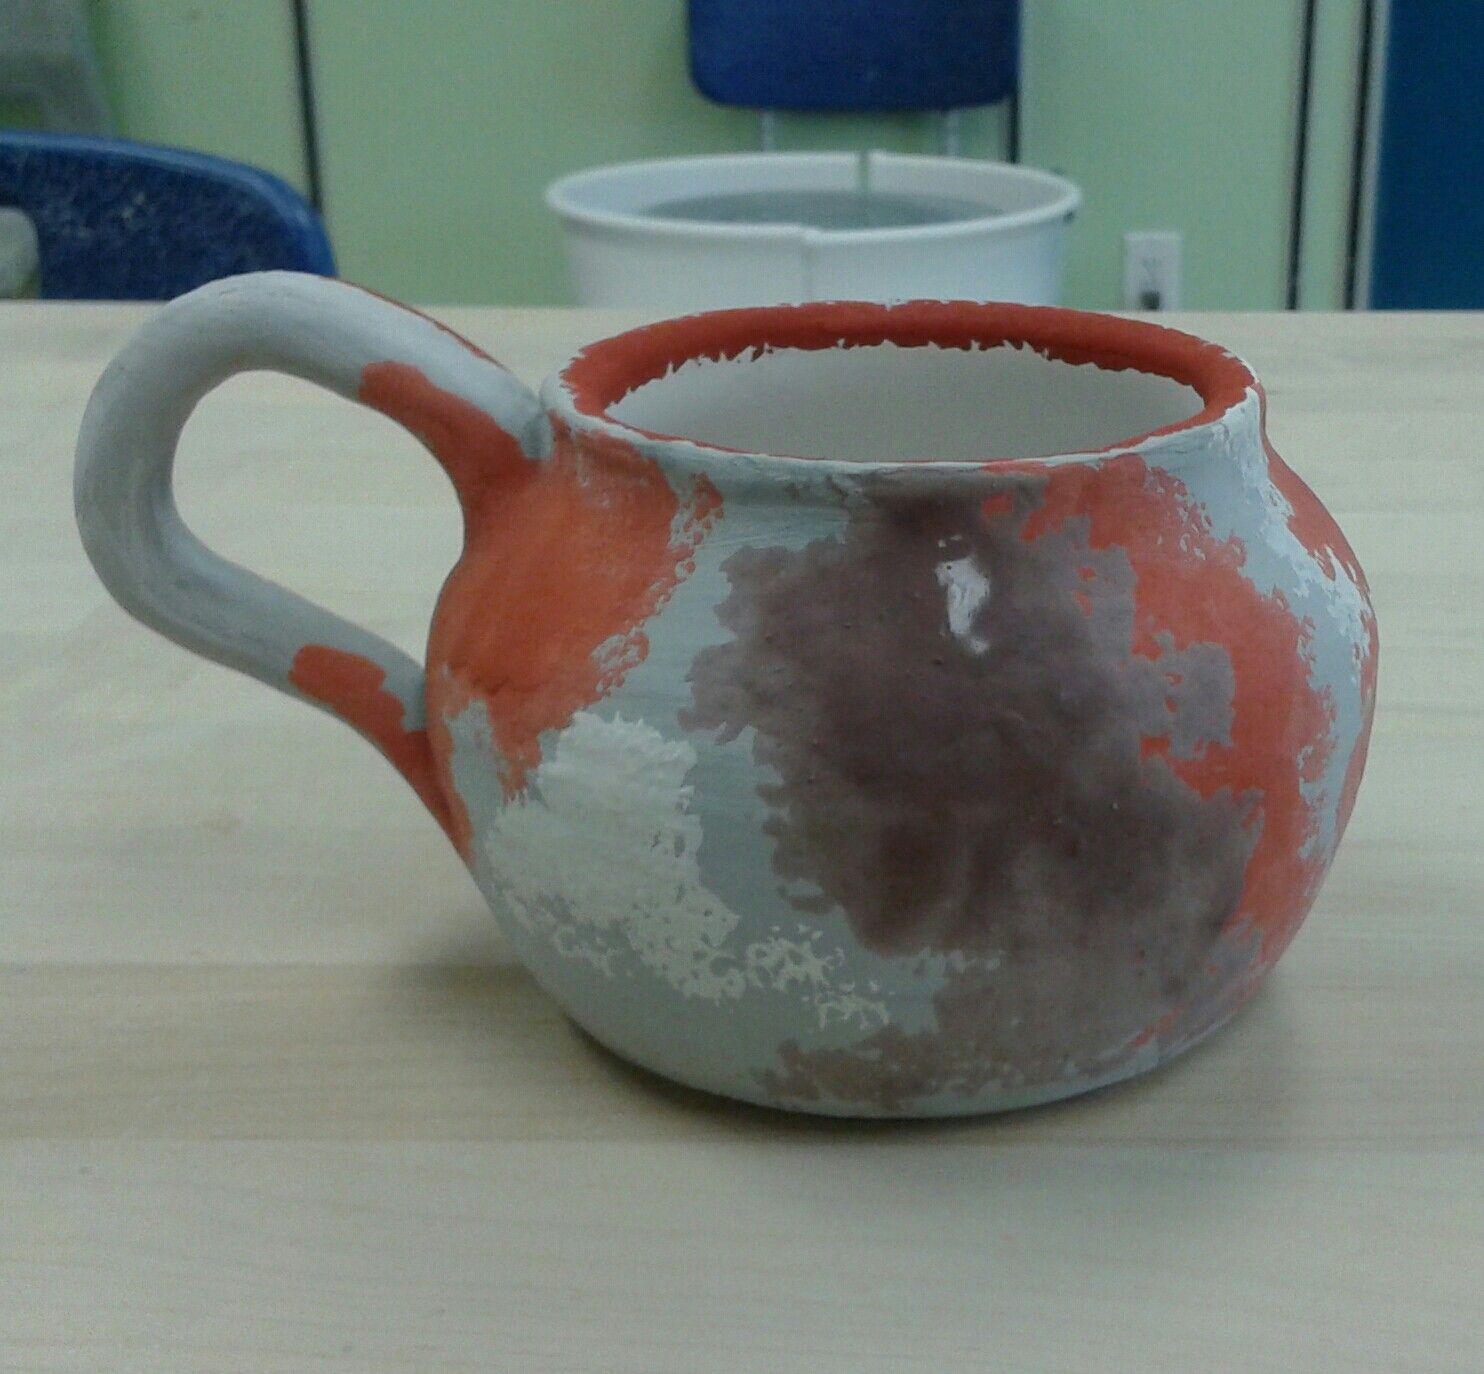 Kelcy Clark Galaxy Mug Before Glaze Firing Well Hopefully It S A Galaxy Mug Fingers Crossed Amaco Potter Glazes For Pottery Amaco Glazes Glaze Ceramics